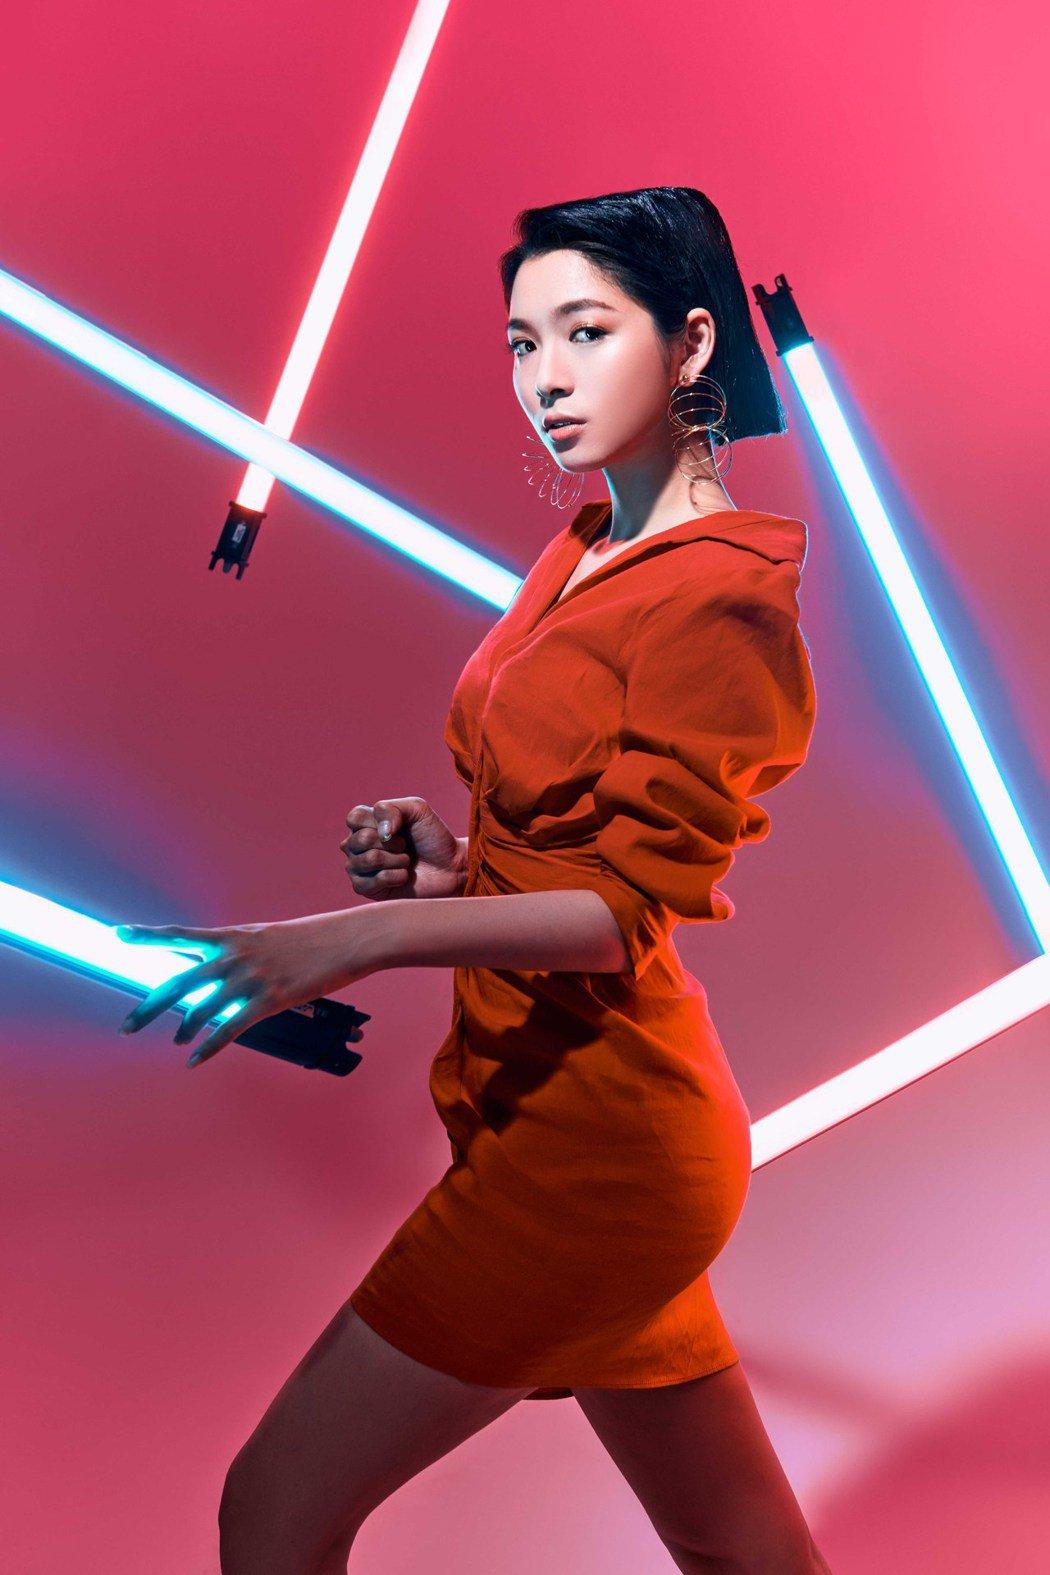 大馬女星劉倩妏目前演出電視劇「我願意」。圖/伊林提供